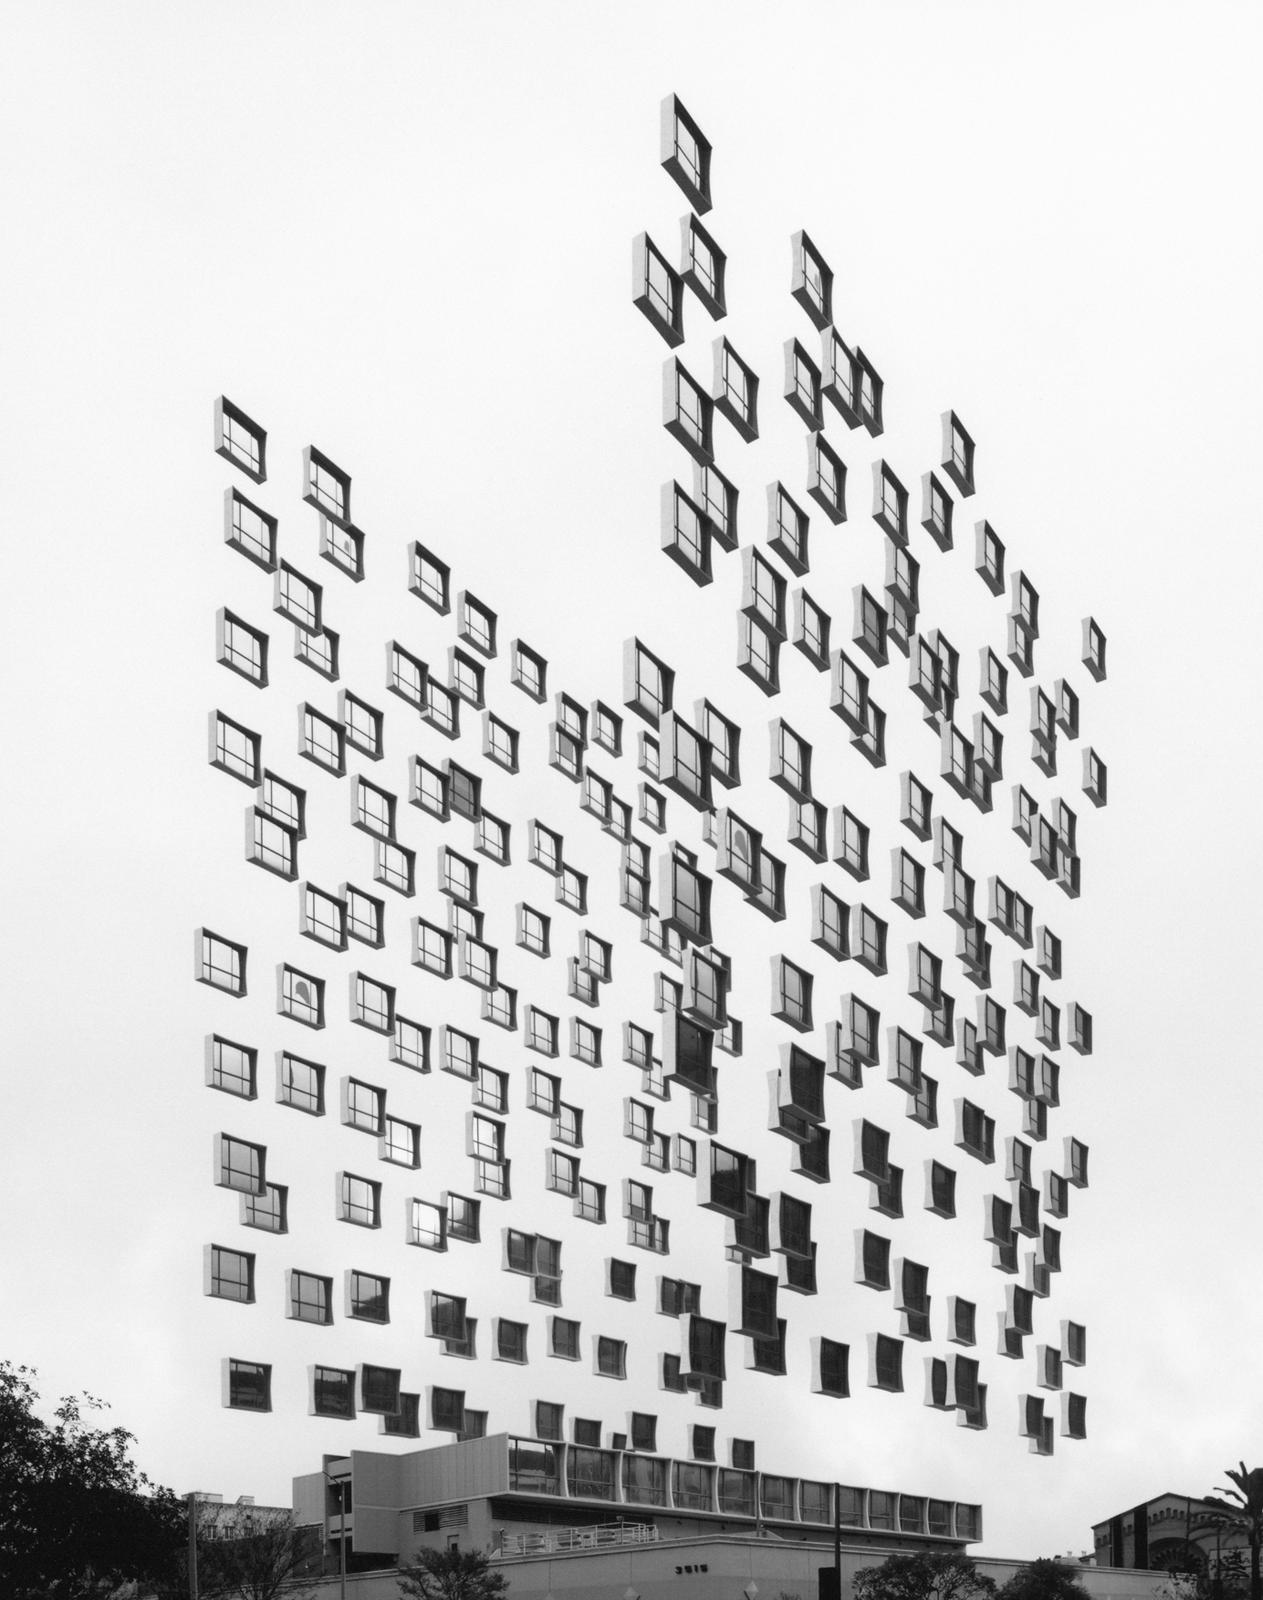 arquitectura-futurista-utopica-1